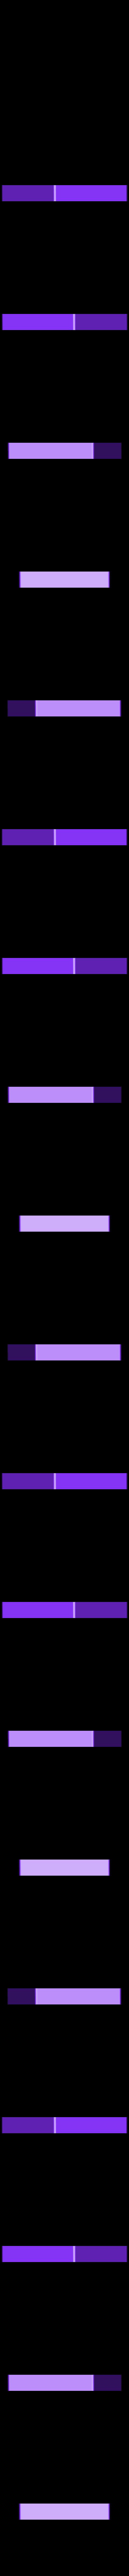 wipe_square.STL Télécharger fichier STL gratuit Essuie-glace à buse personnalisable • Plan à imprimer en 3D, Bolrod